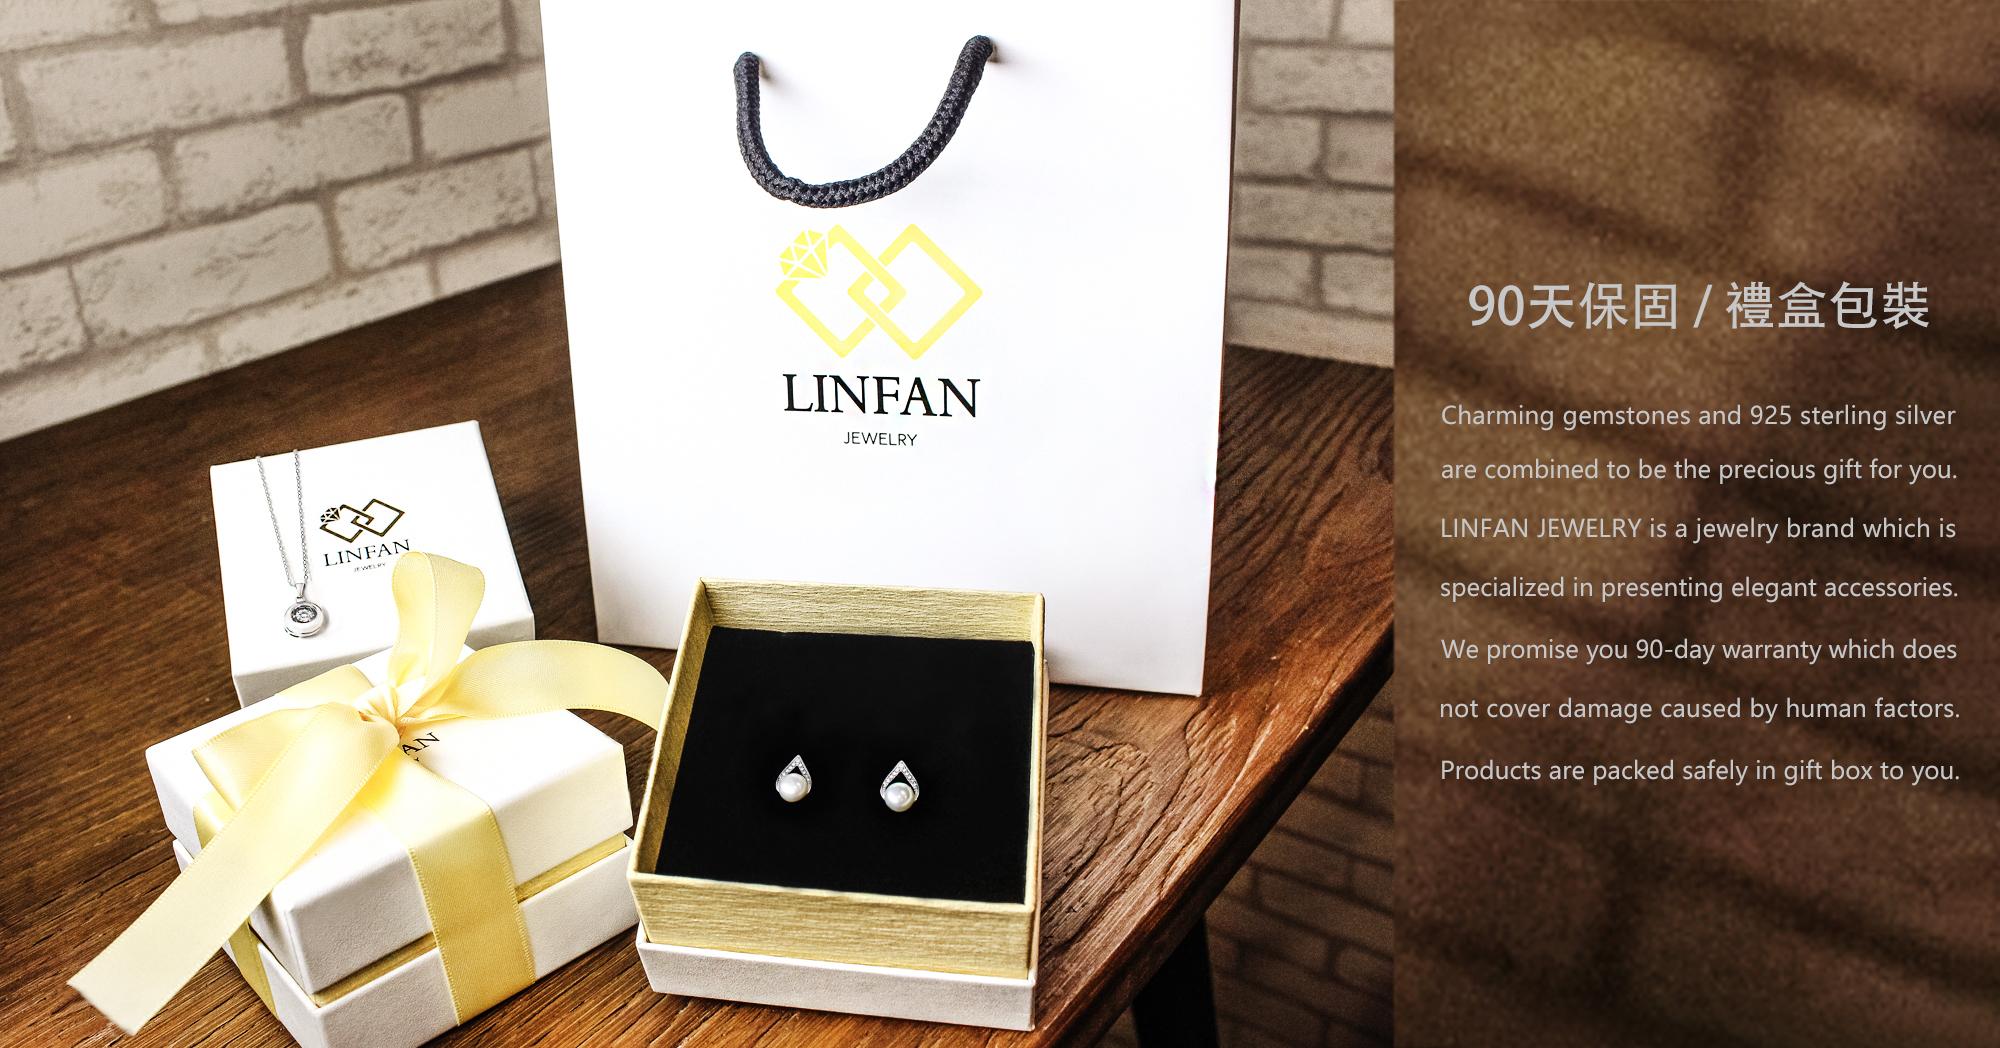 linfan-banner_90-days-warranty